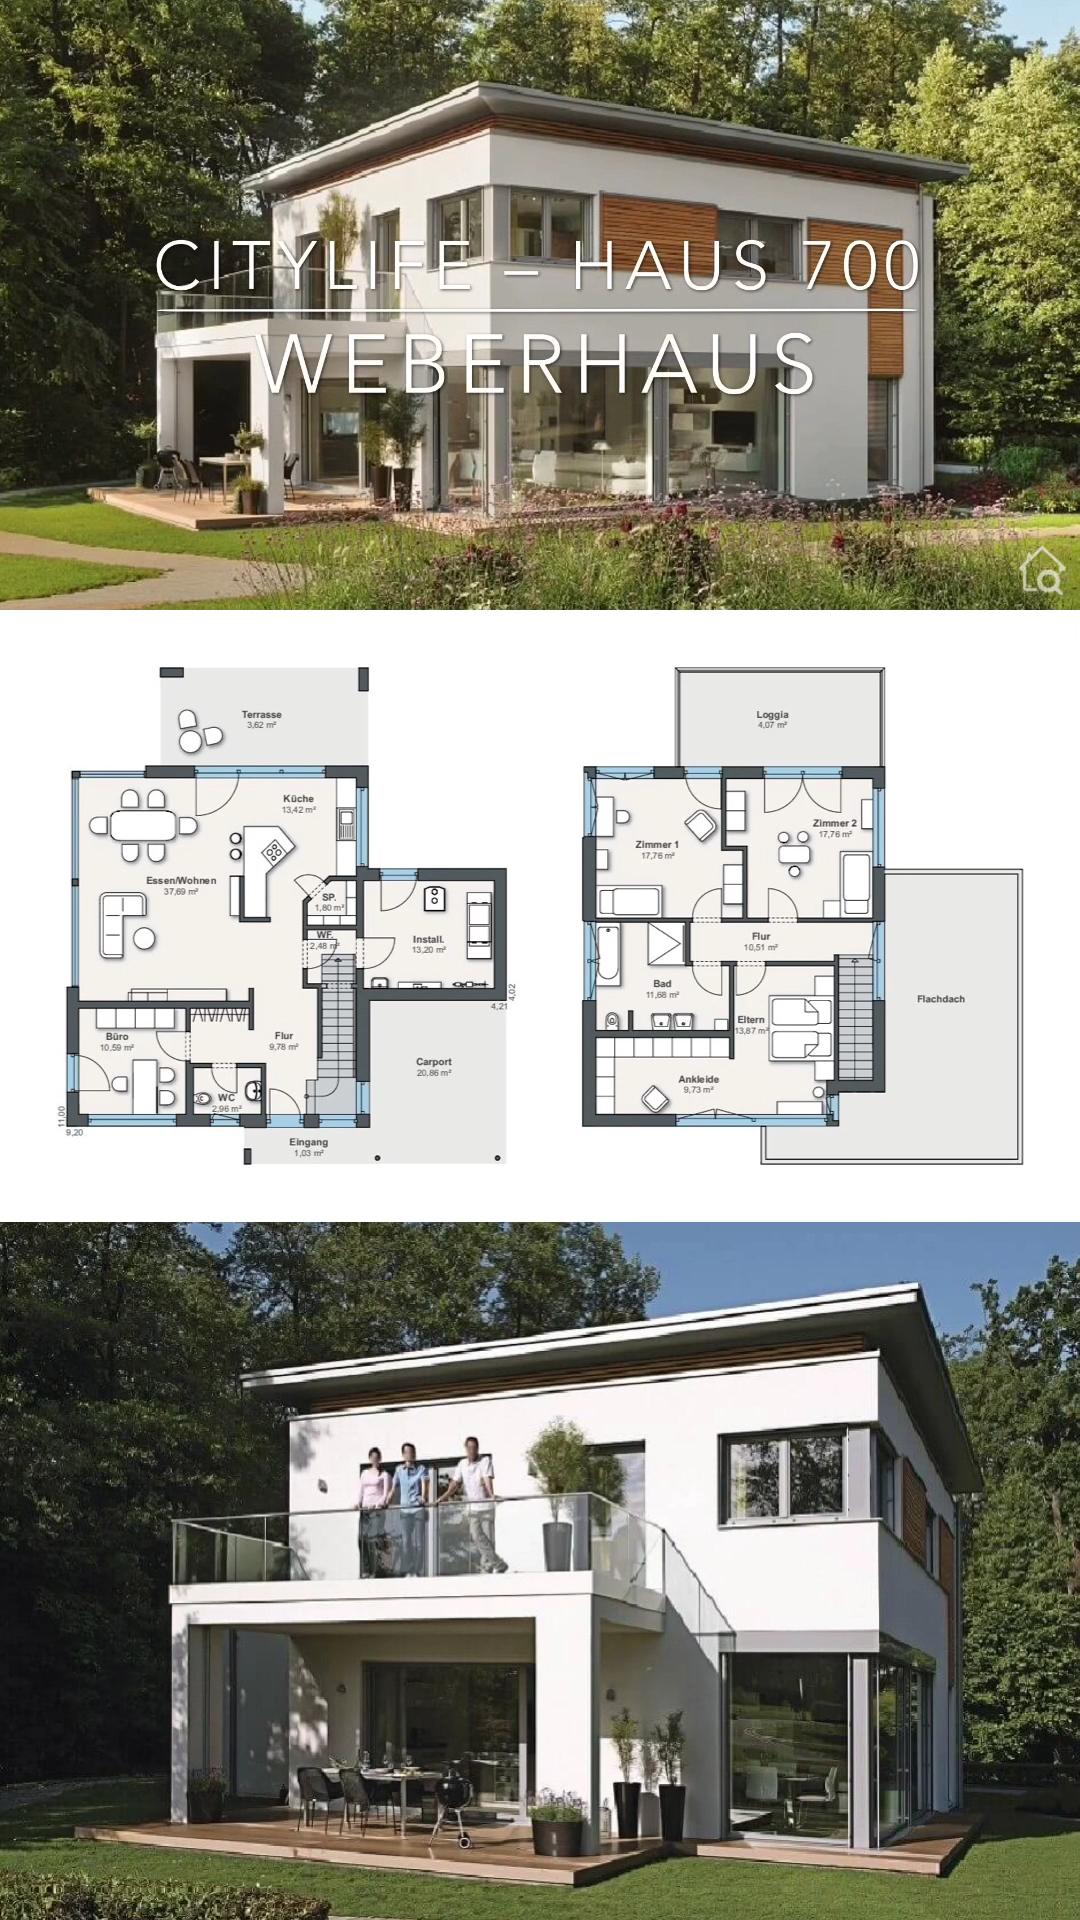 Modernes Haus Design mit Flachdach Grundriss offen mit Holz Putz Fassade